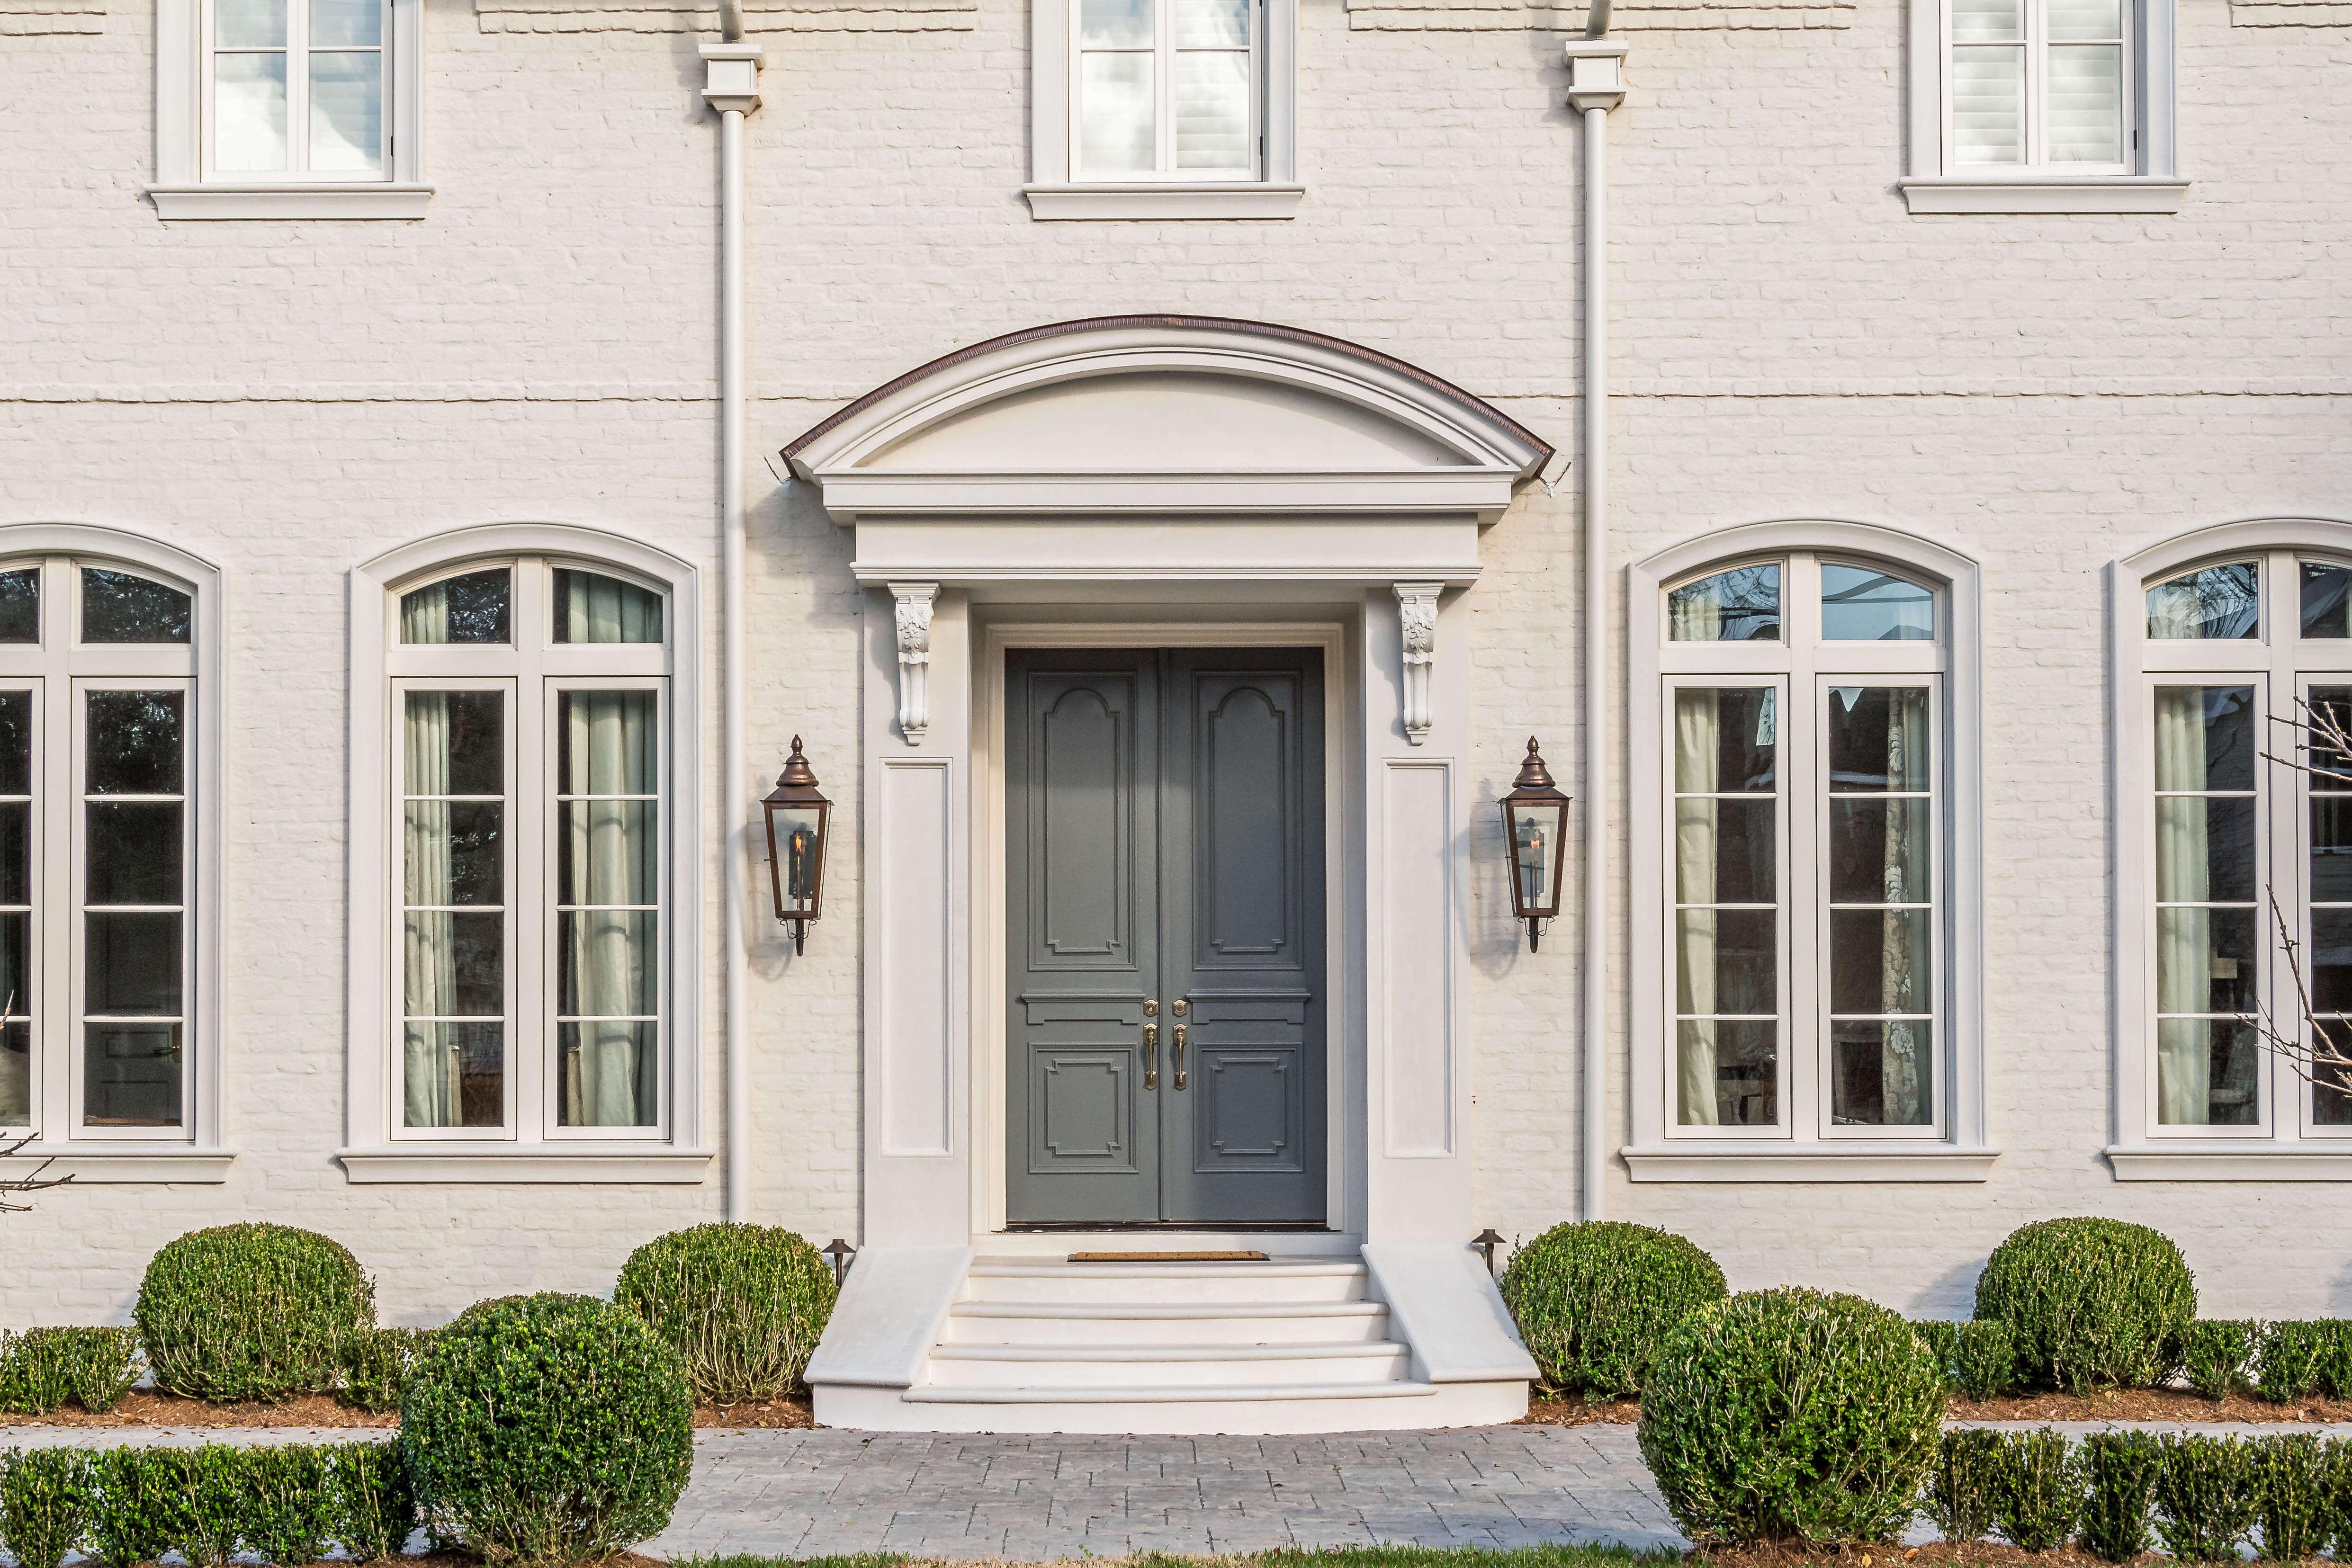 & Jefferson Door - Doors Windows Moudling Cabinets Jefferson Door